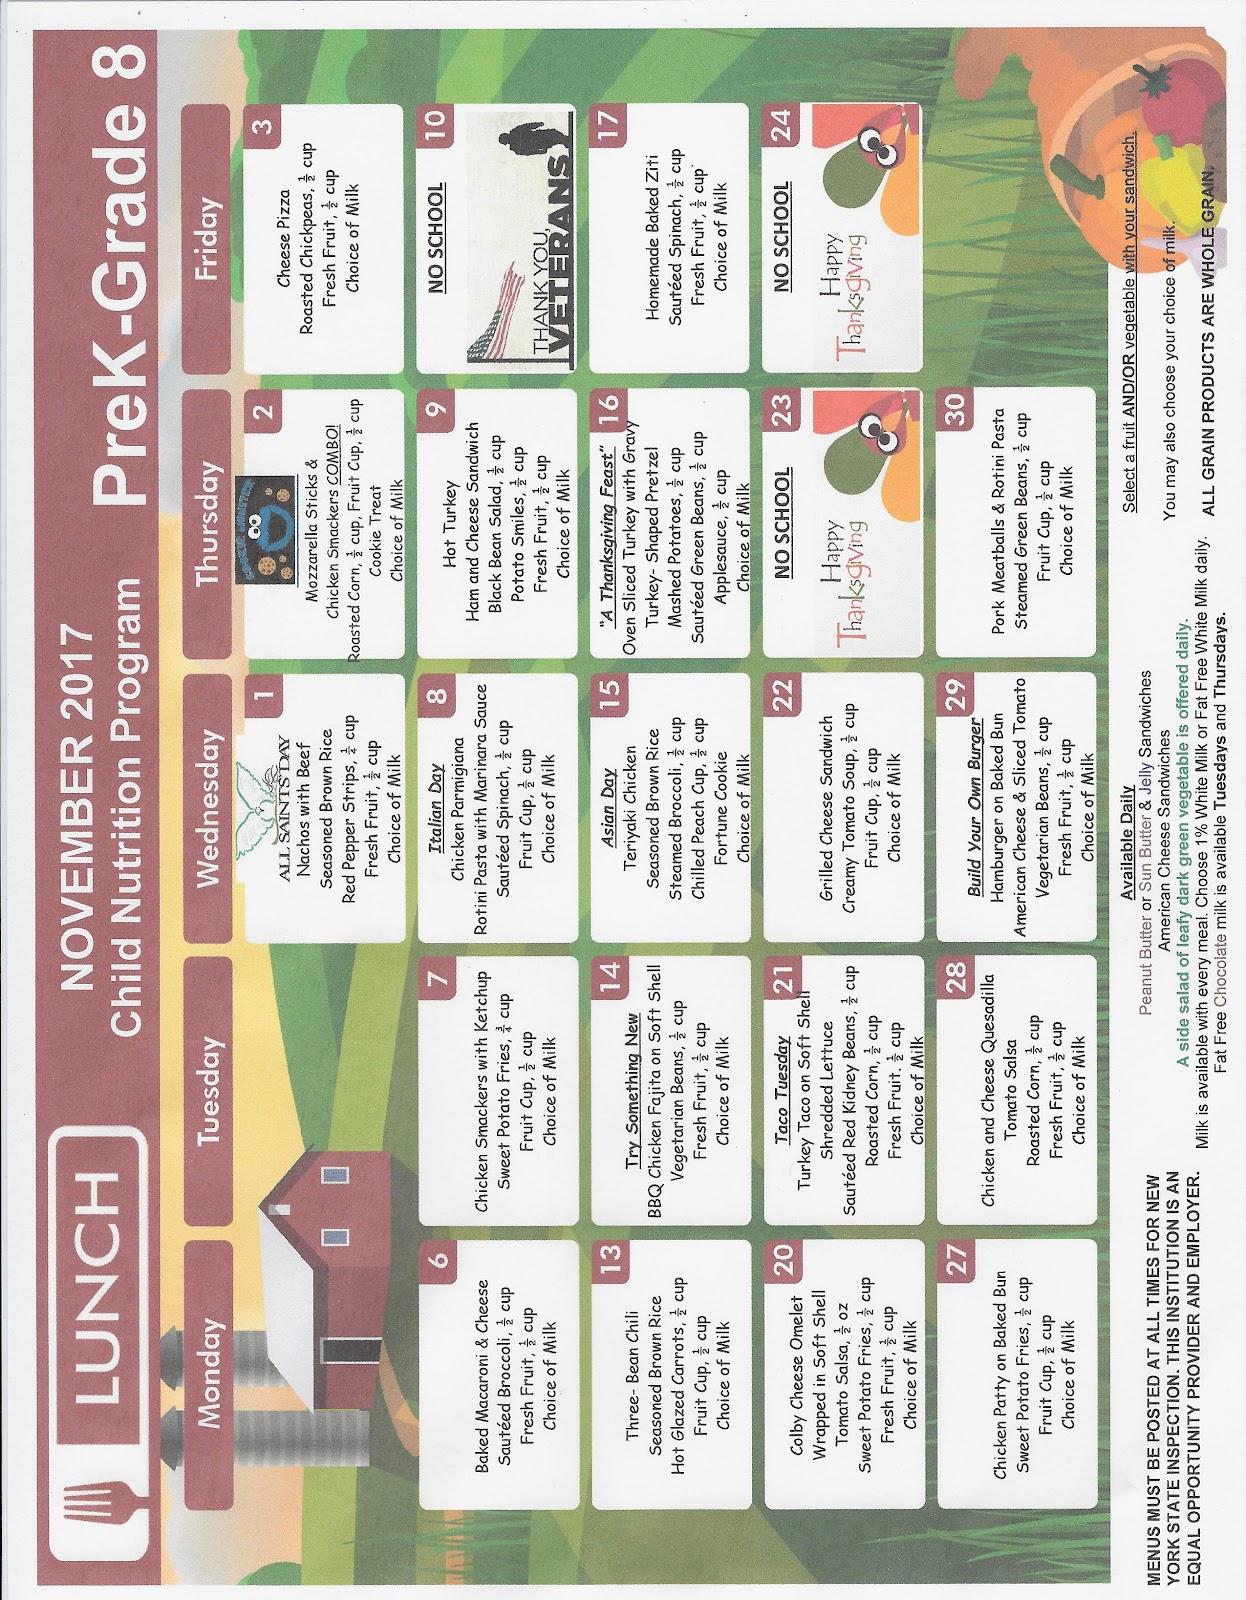 Nov 17 menu Lunch.jpg